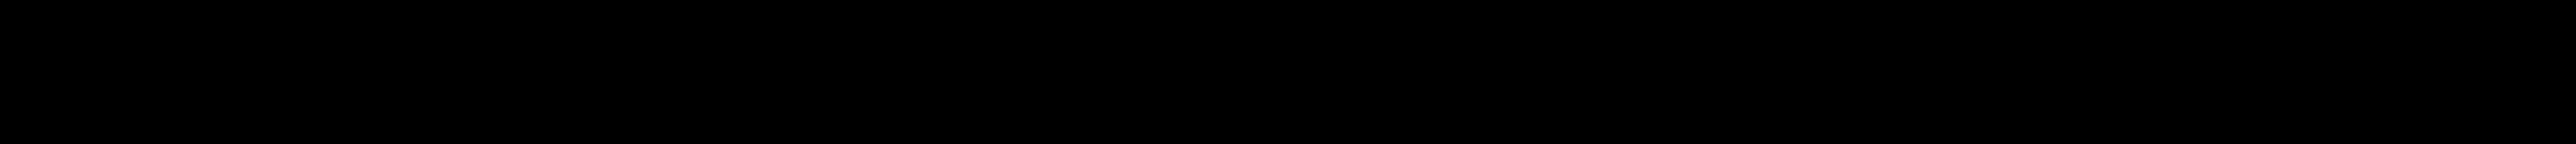 abcdefghijklmnopqrst 2